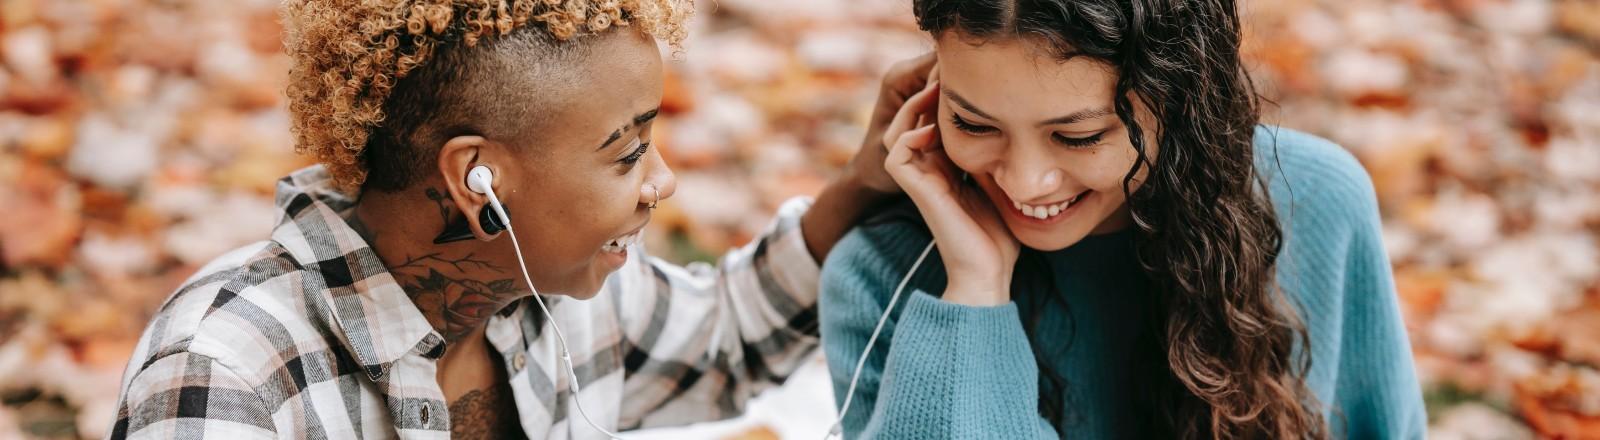 Zwei Frauen teilen sich einen Kopfhörer und spielen etwas von ihrem Smartphone ab.